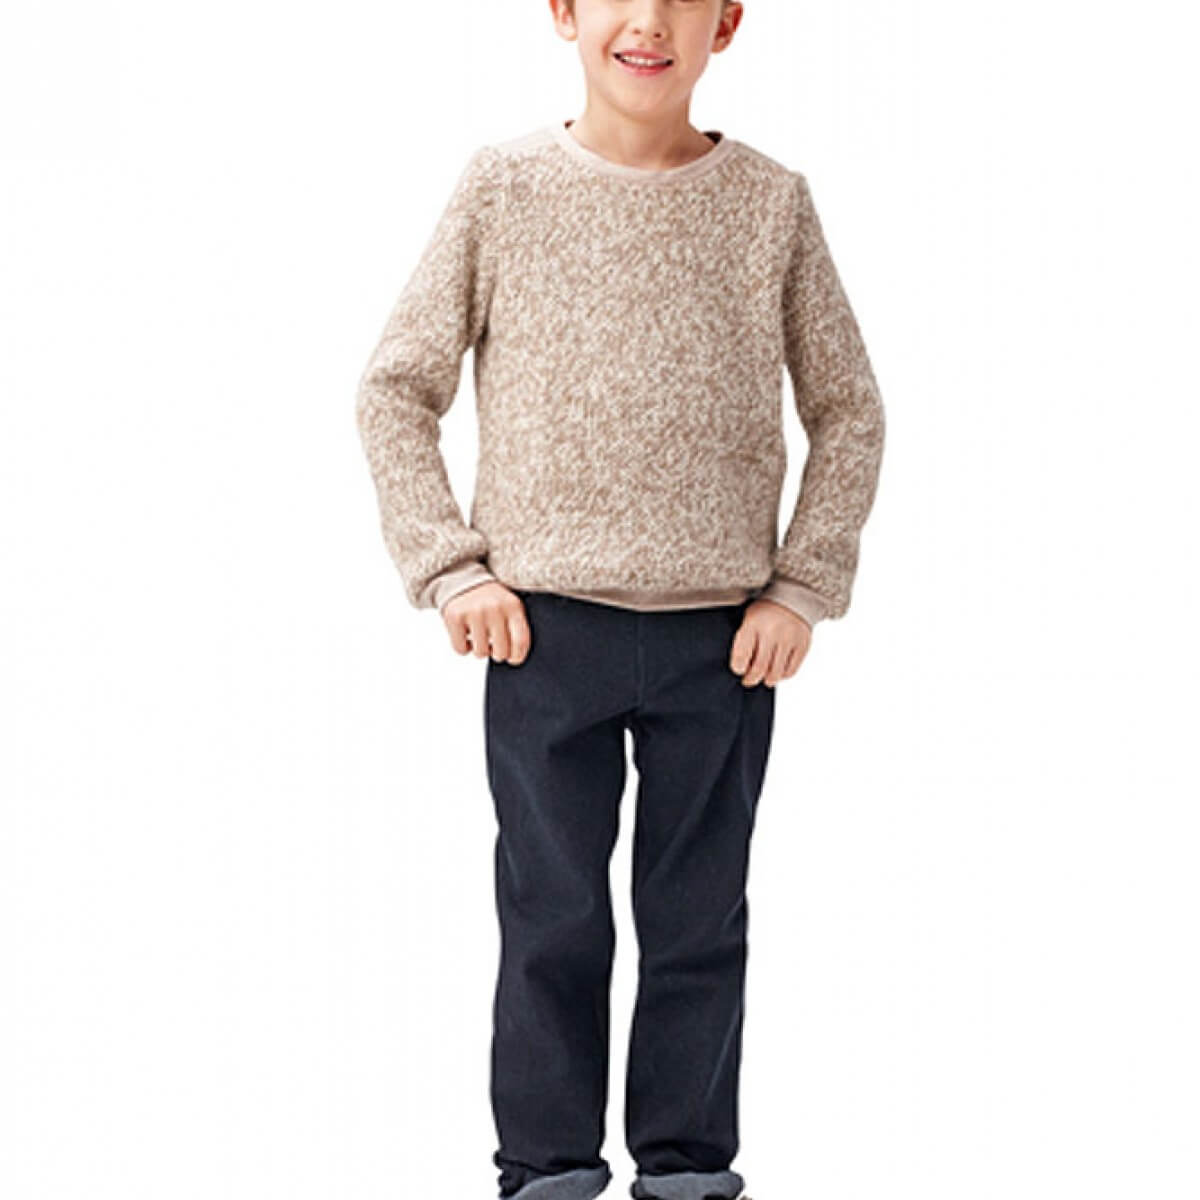 Patron sweat shirt enfant gar on burda 9407 mercerie car fil - Enfant garcon ...